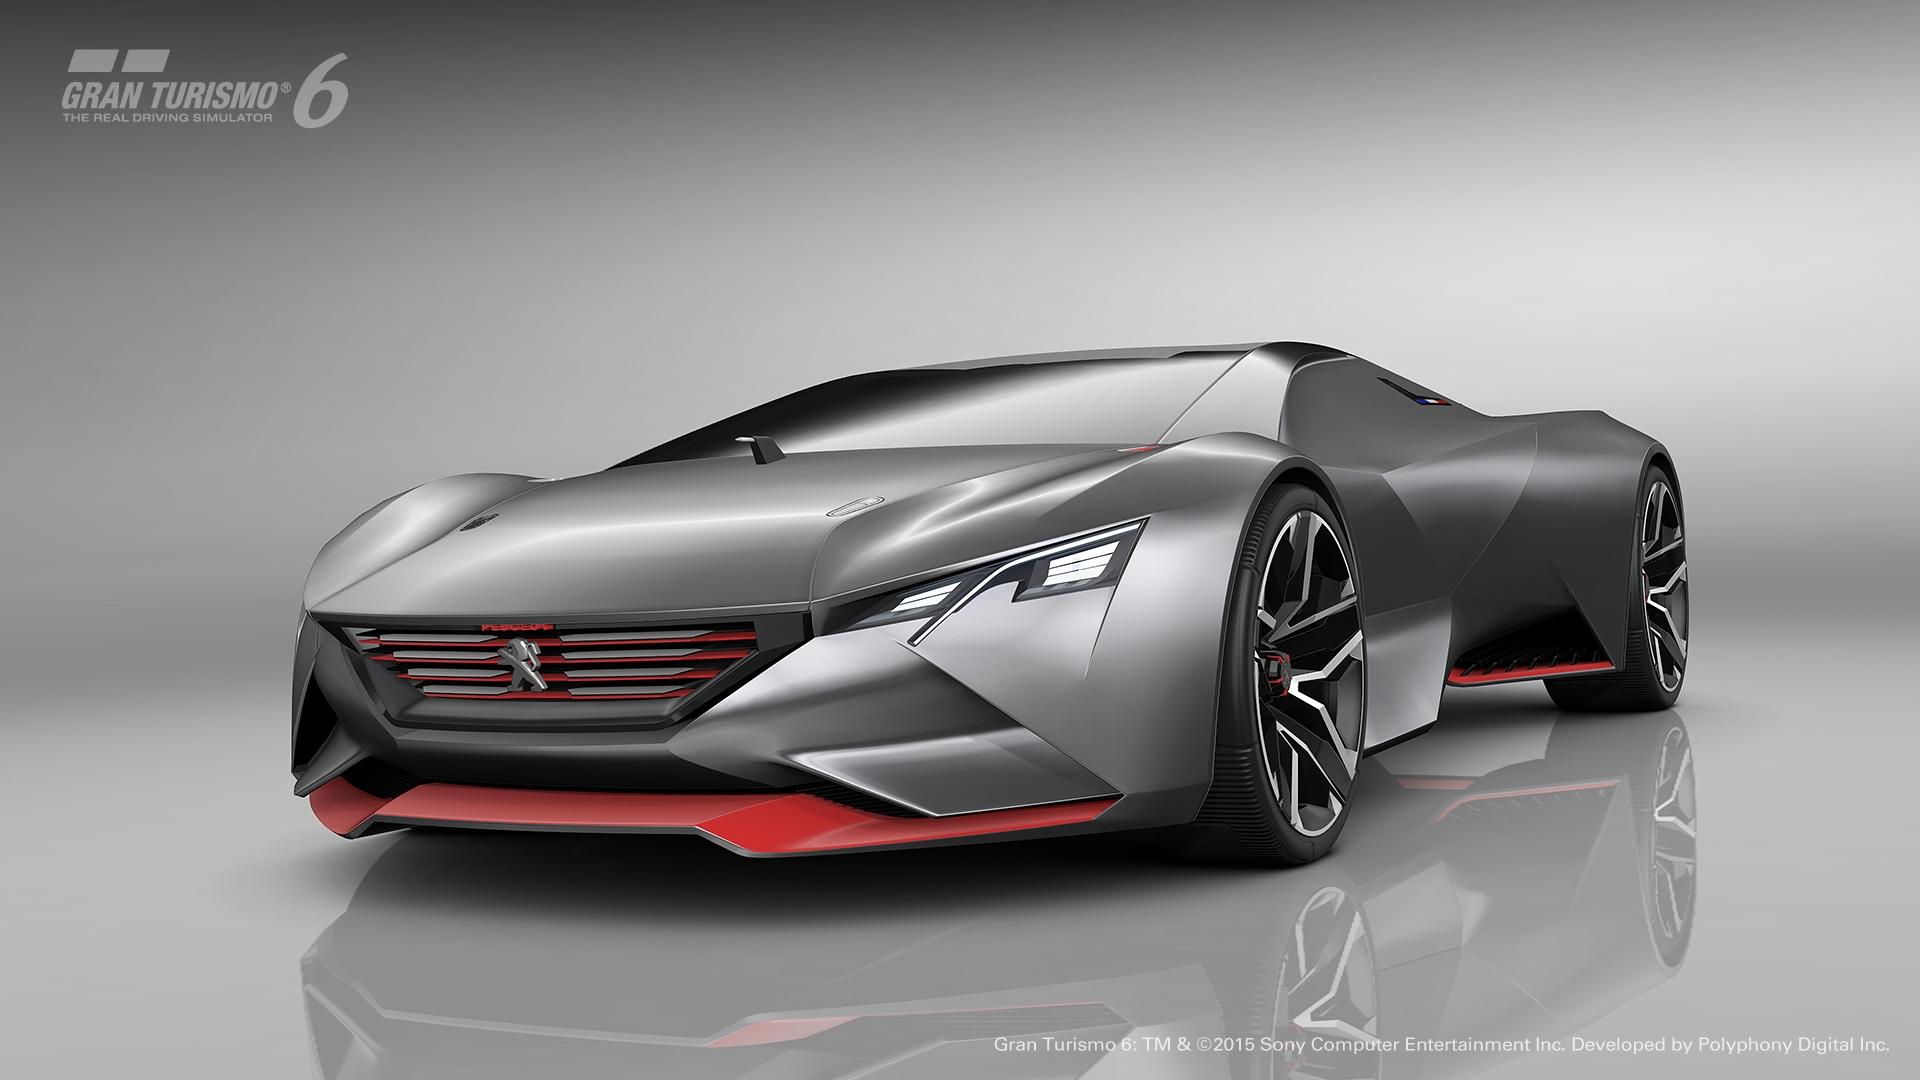 S0-Peugeot-Vision-Gran-Turismo-875-ch-pour-875-kg-352602